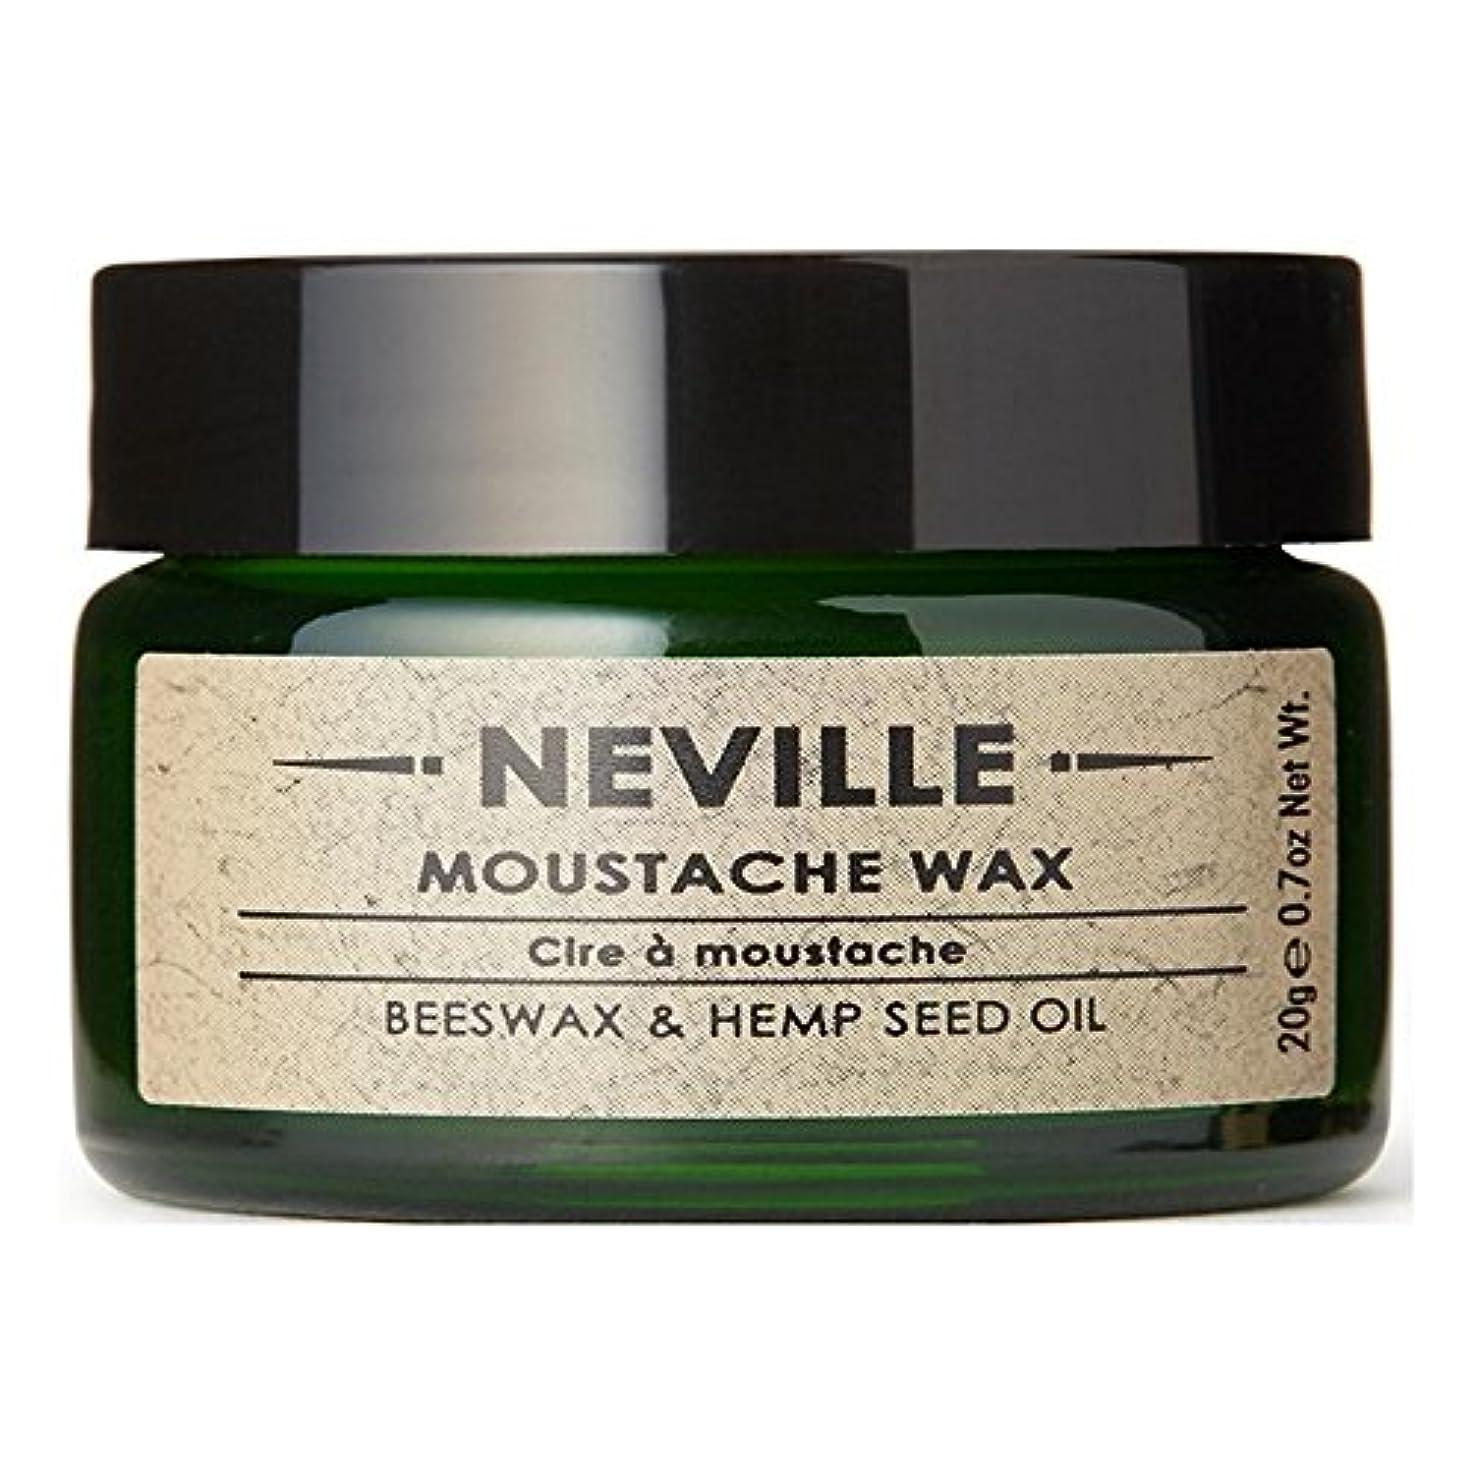 類人猿経験者完全に乾くネビル口ひげワックス x4 - Neville Moustache Wax (Pack of 4) [並行輸入品]